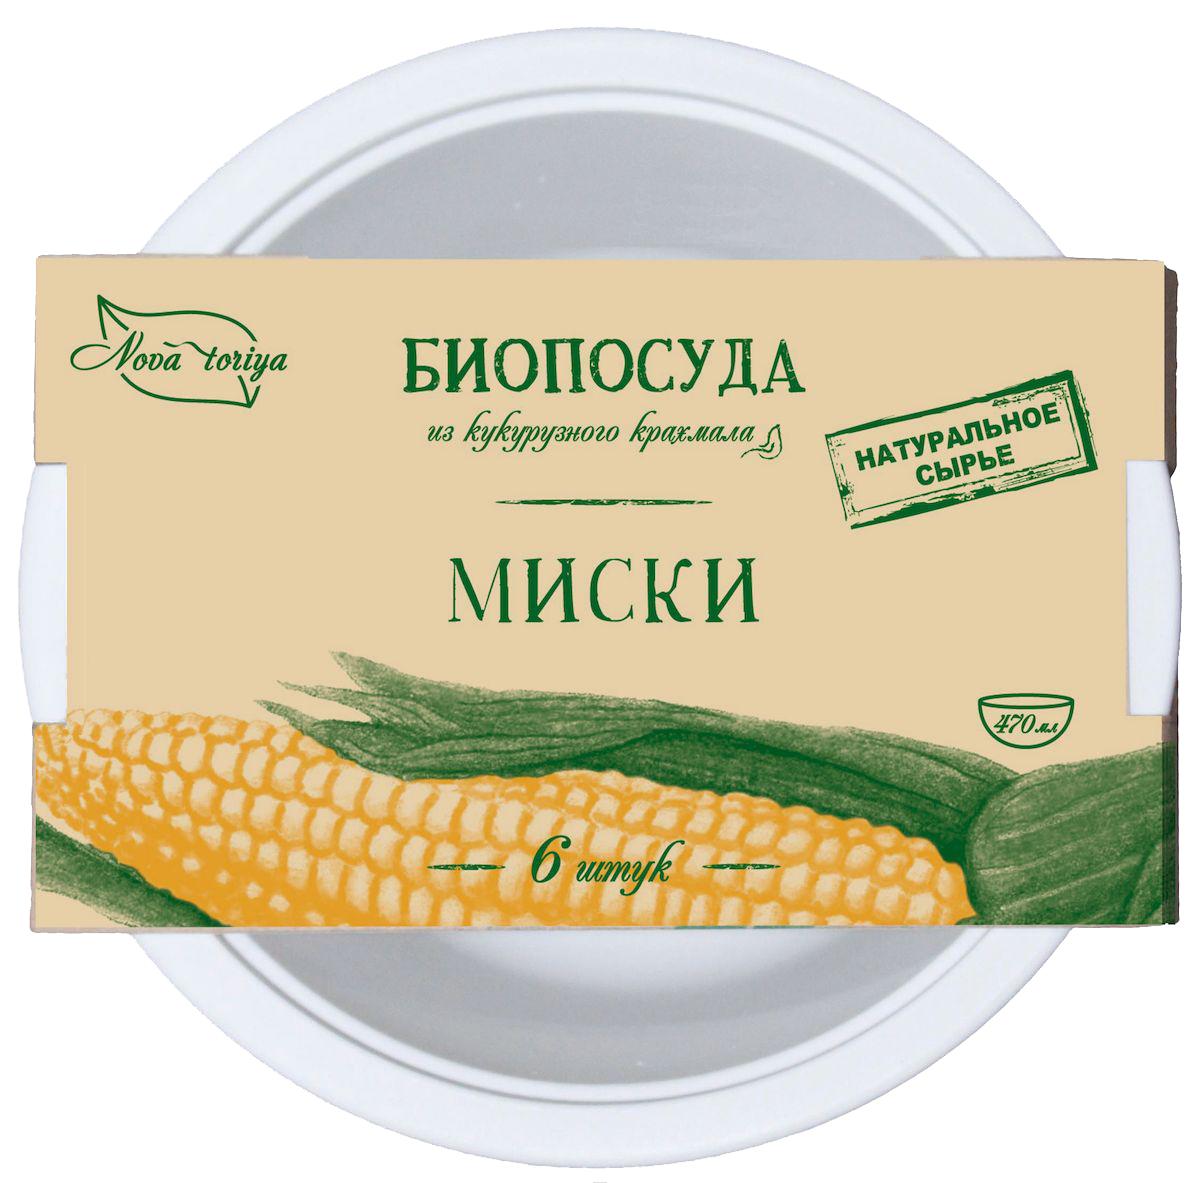 Набор одноразовых супниц Nova Toriya, 470 мл, 6 шт30Безвредна для человека и окружающей среды